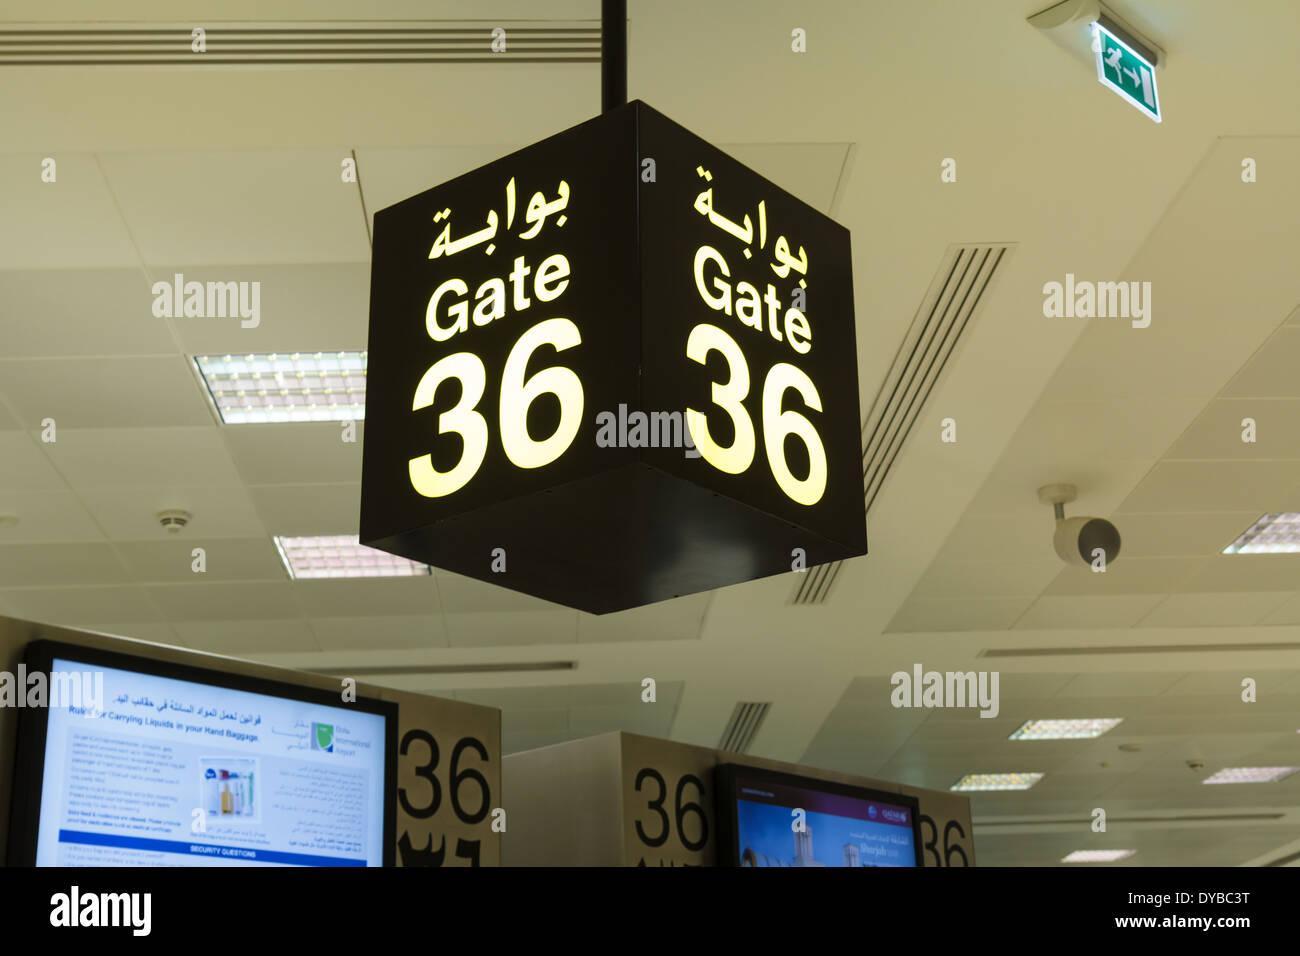 Jaune sur fond noir gate sign in airport Banque D'Images